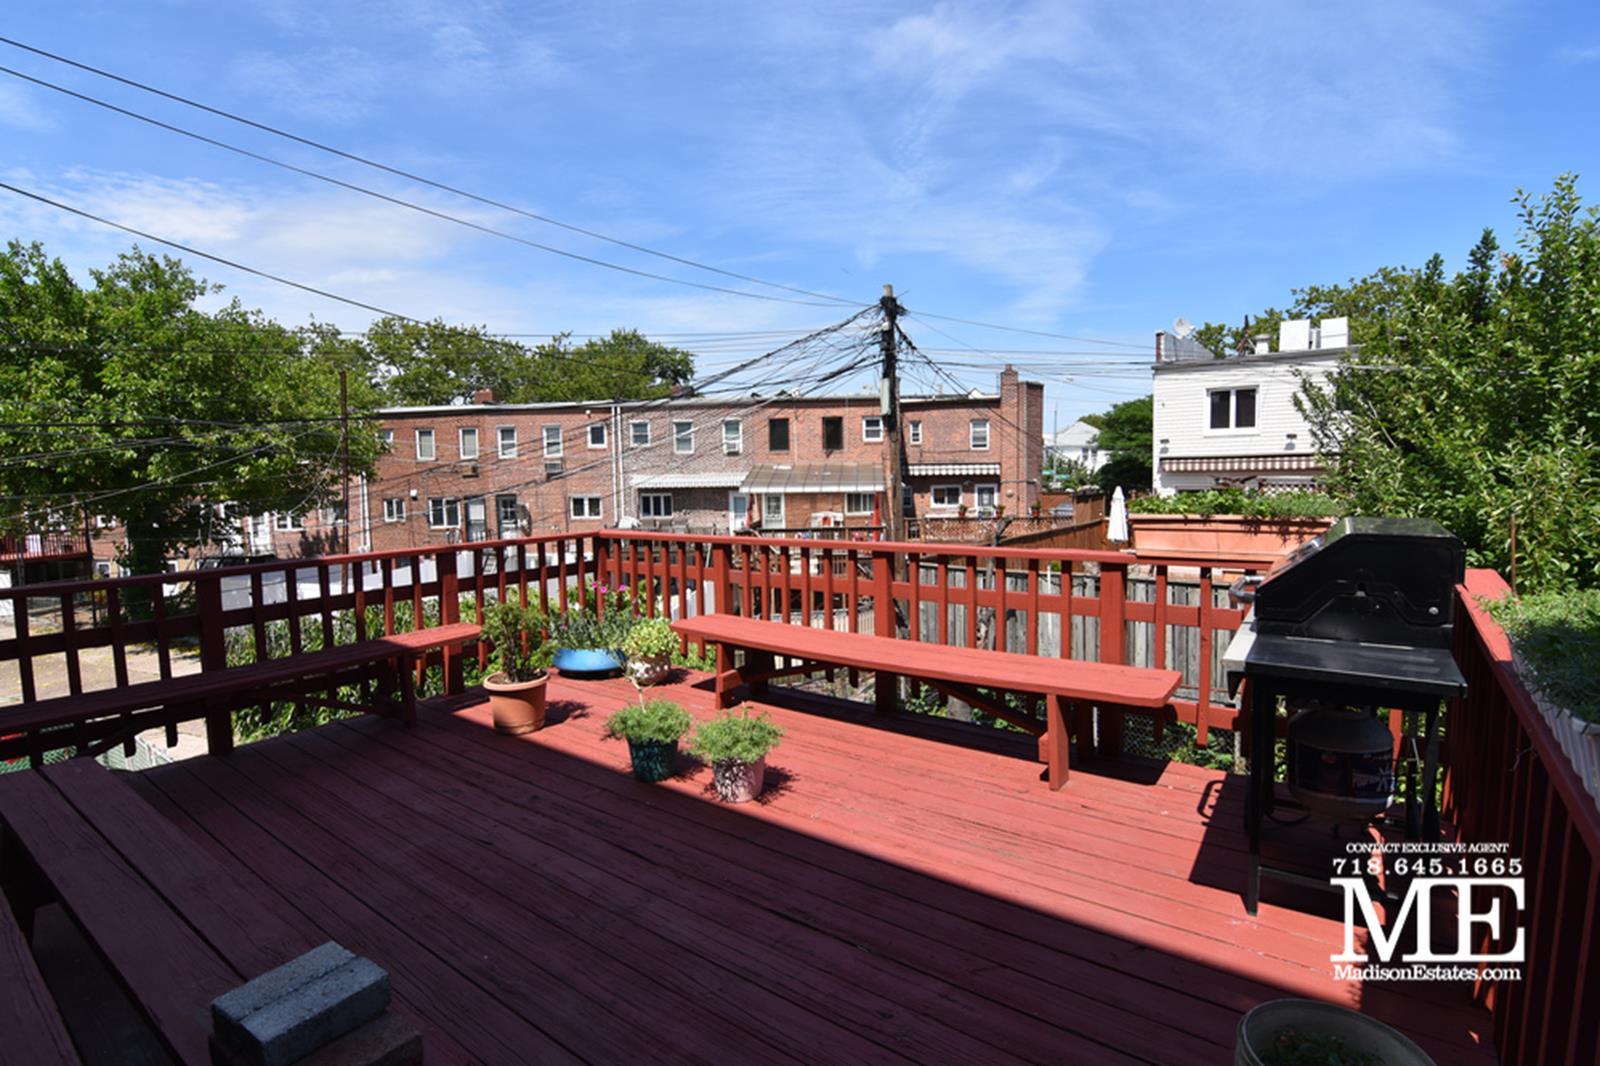 3133 Nostrand Avenue Marine Park Brooklyn NY 11229